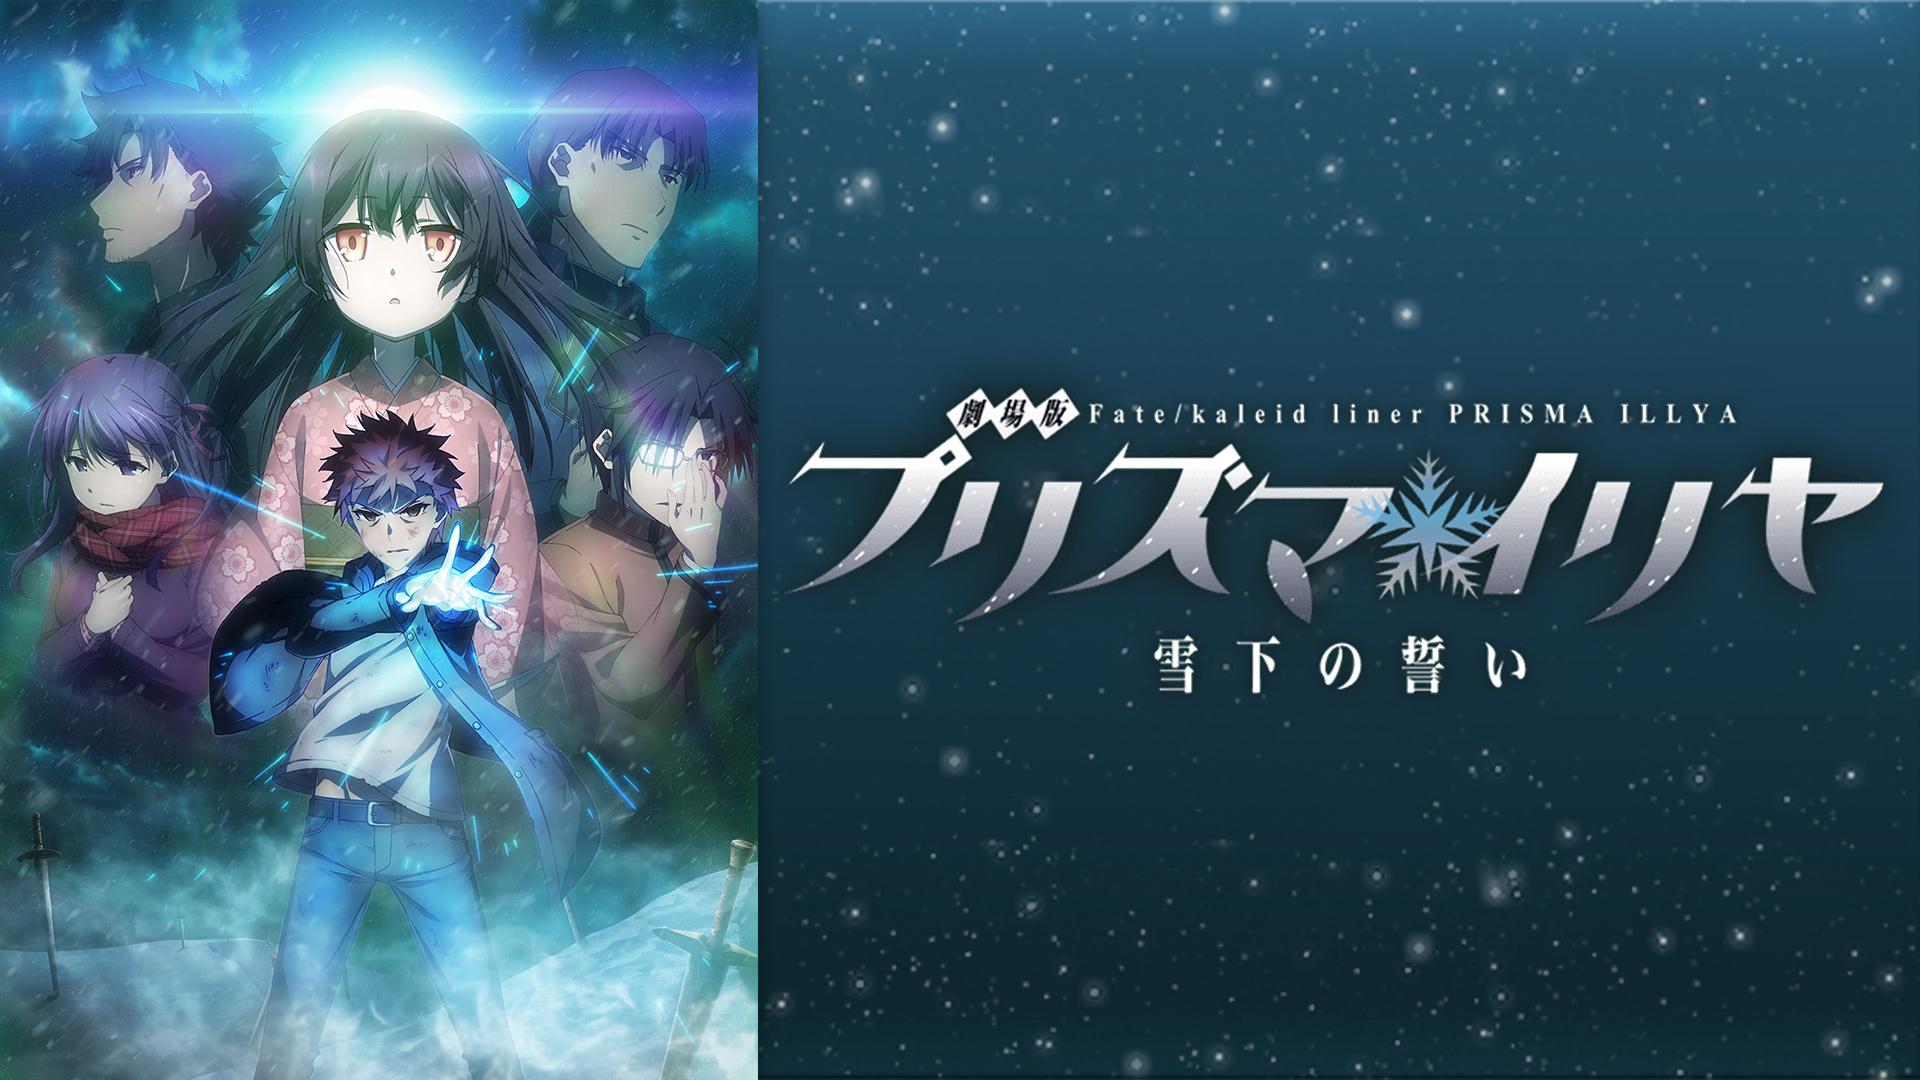 劇場版 Fate/kaleid liner プリズマ☆イリヤ 雪下の誓い(dアニメストア)